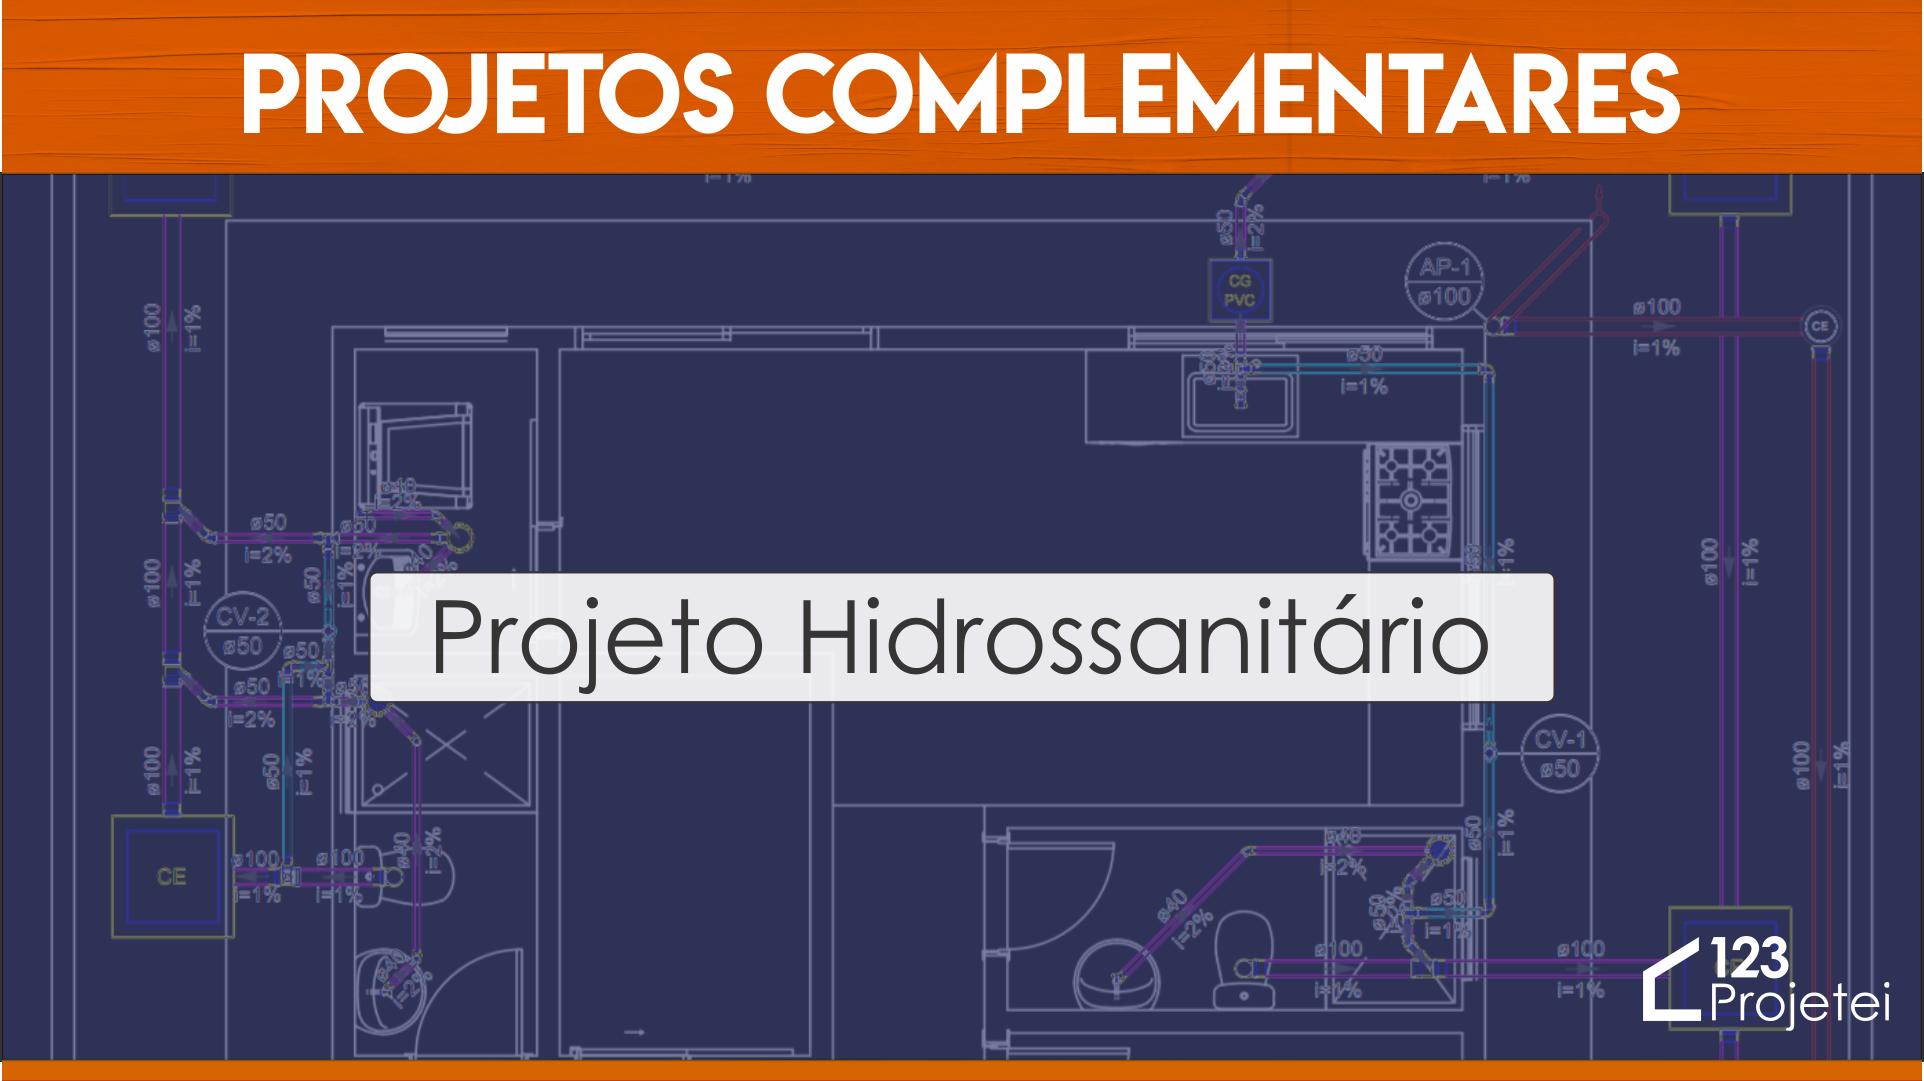 Projeto Hidrossanitário: Conheça os Projetos Complementares